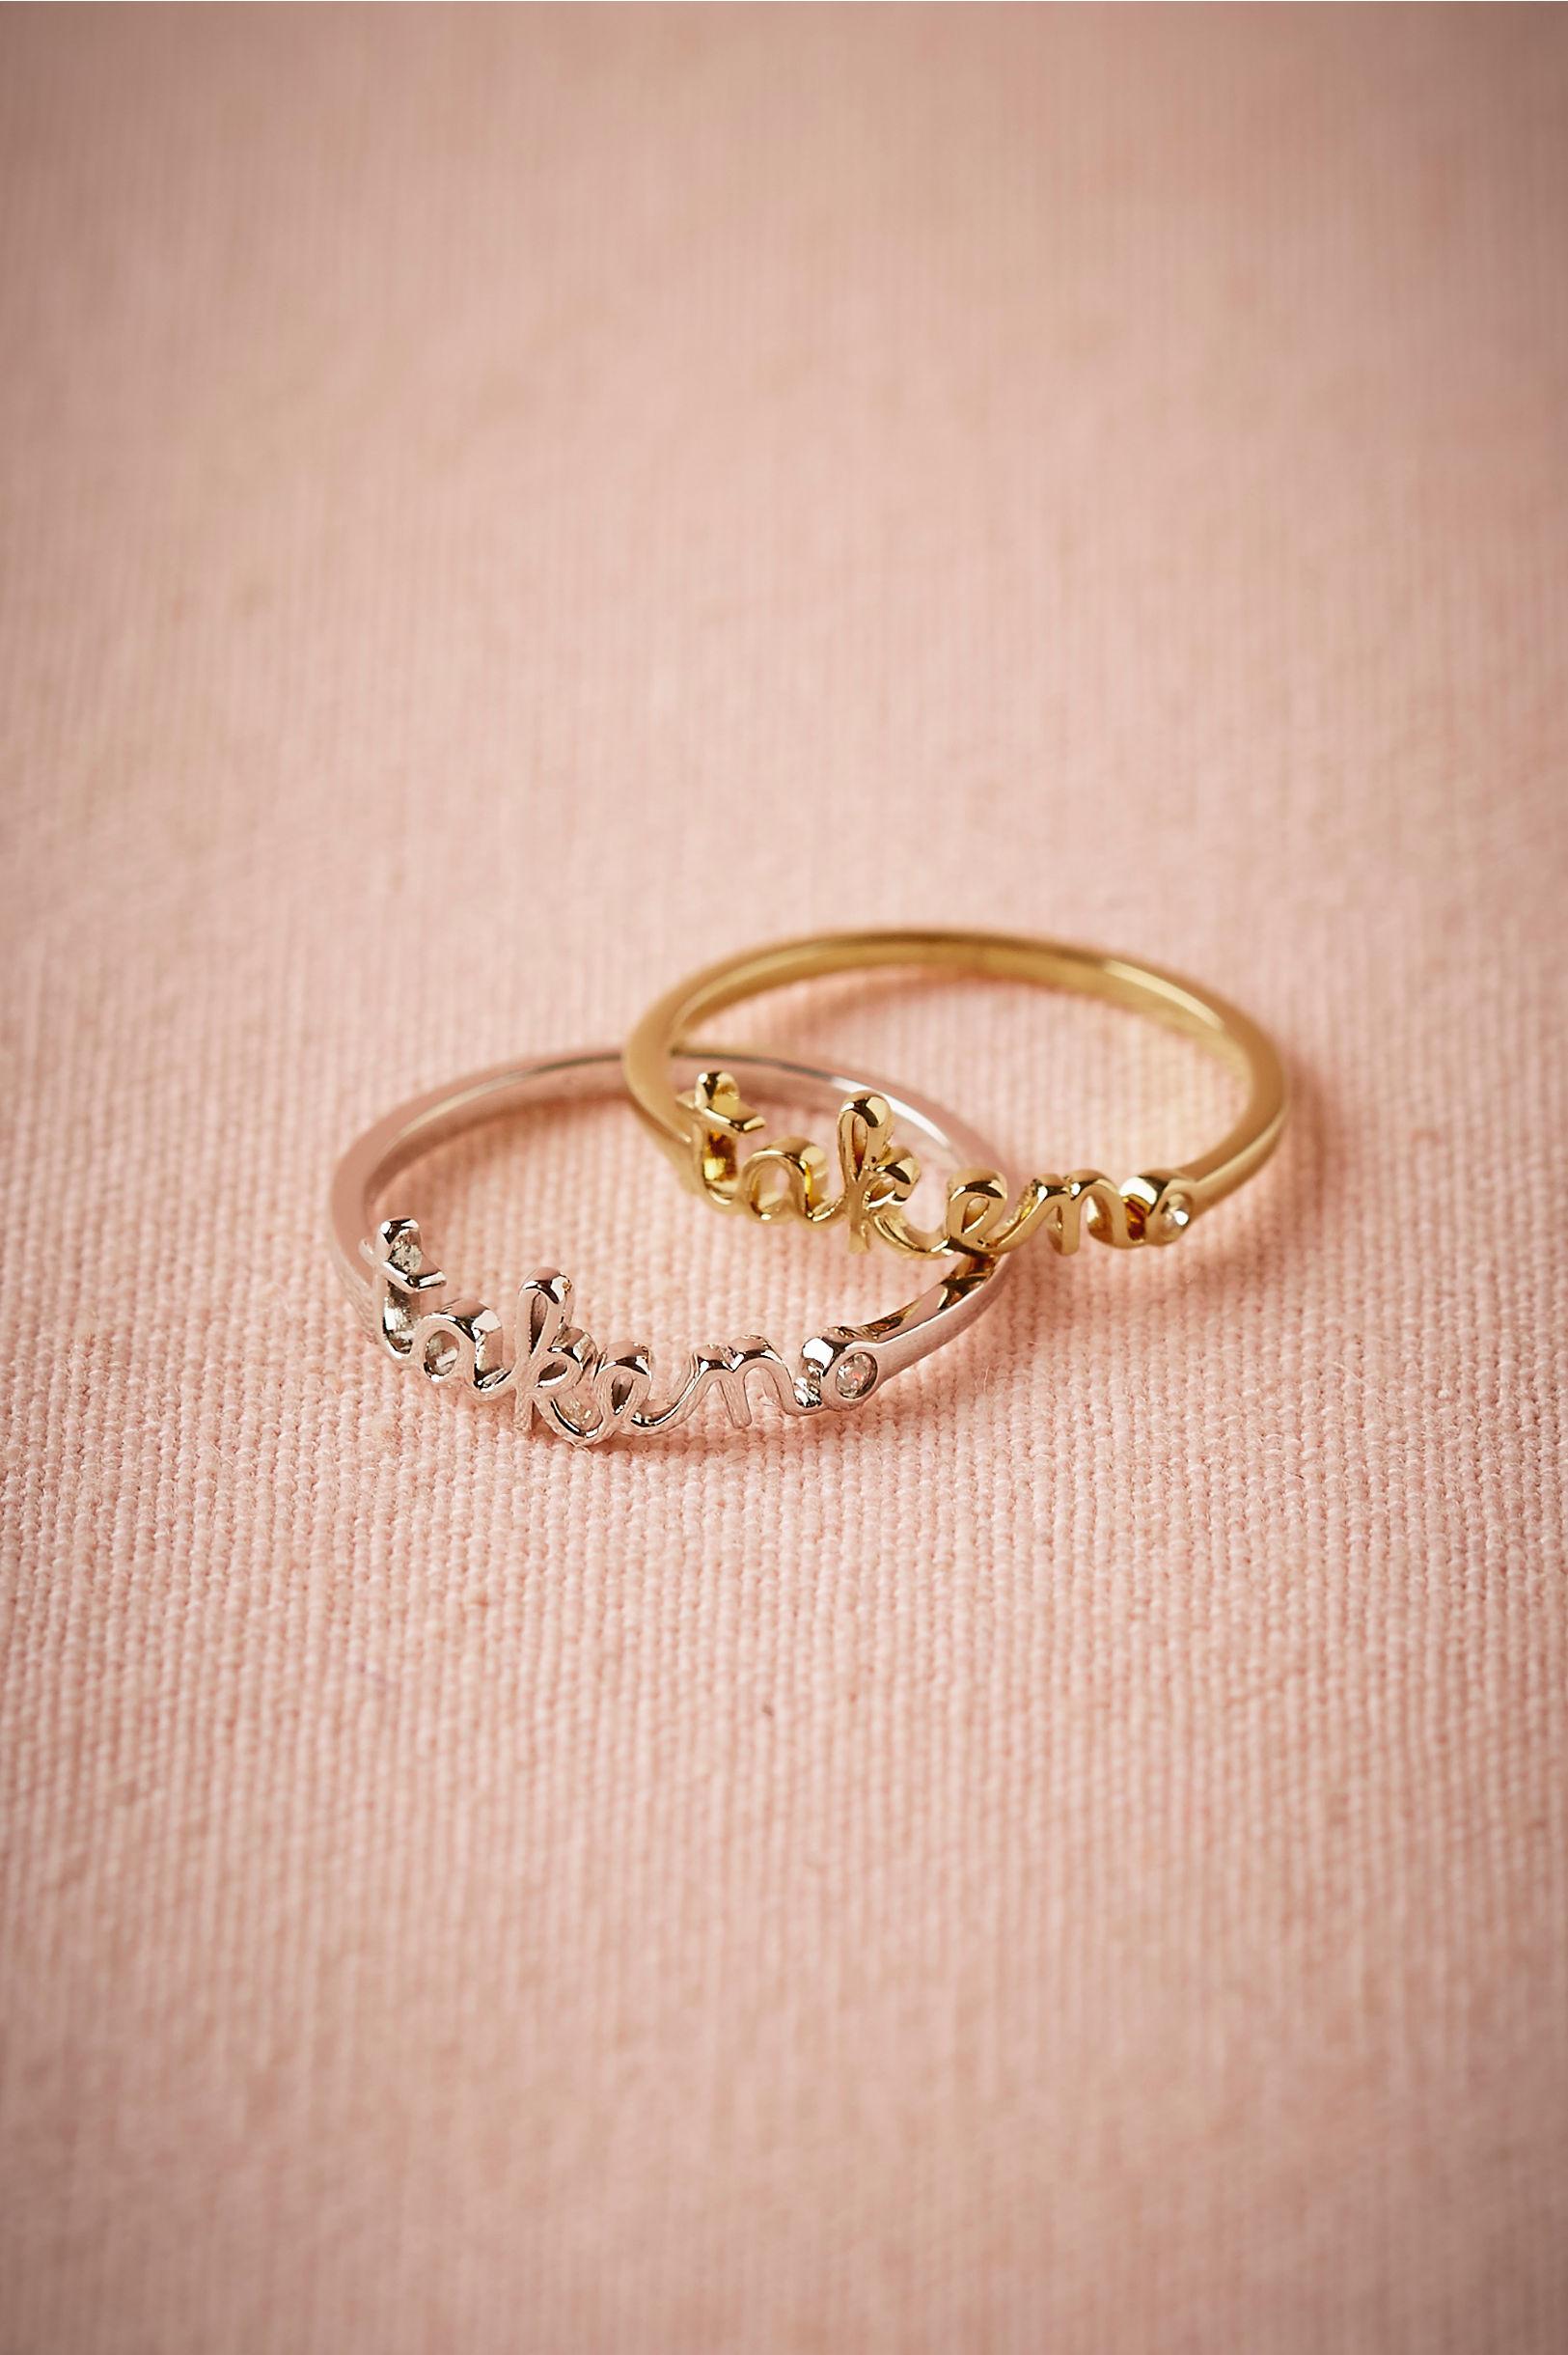 Taken Ring in New | BHLDN